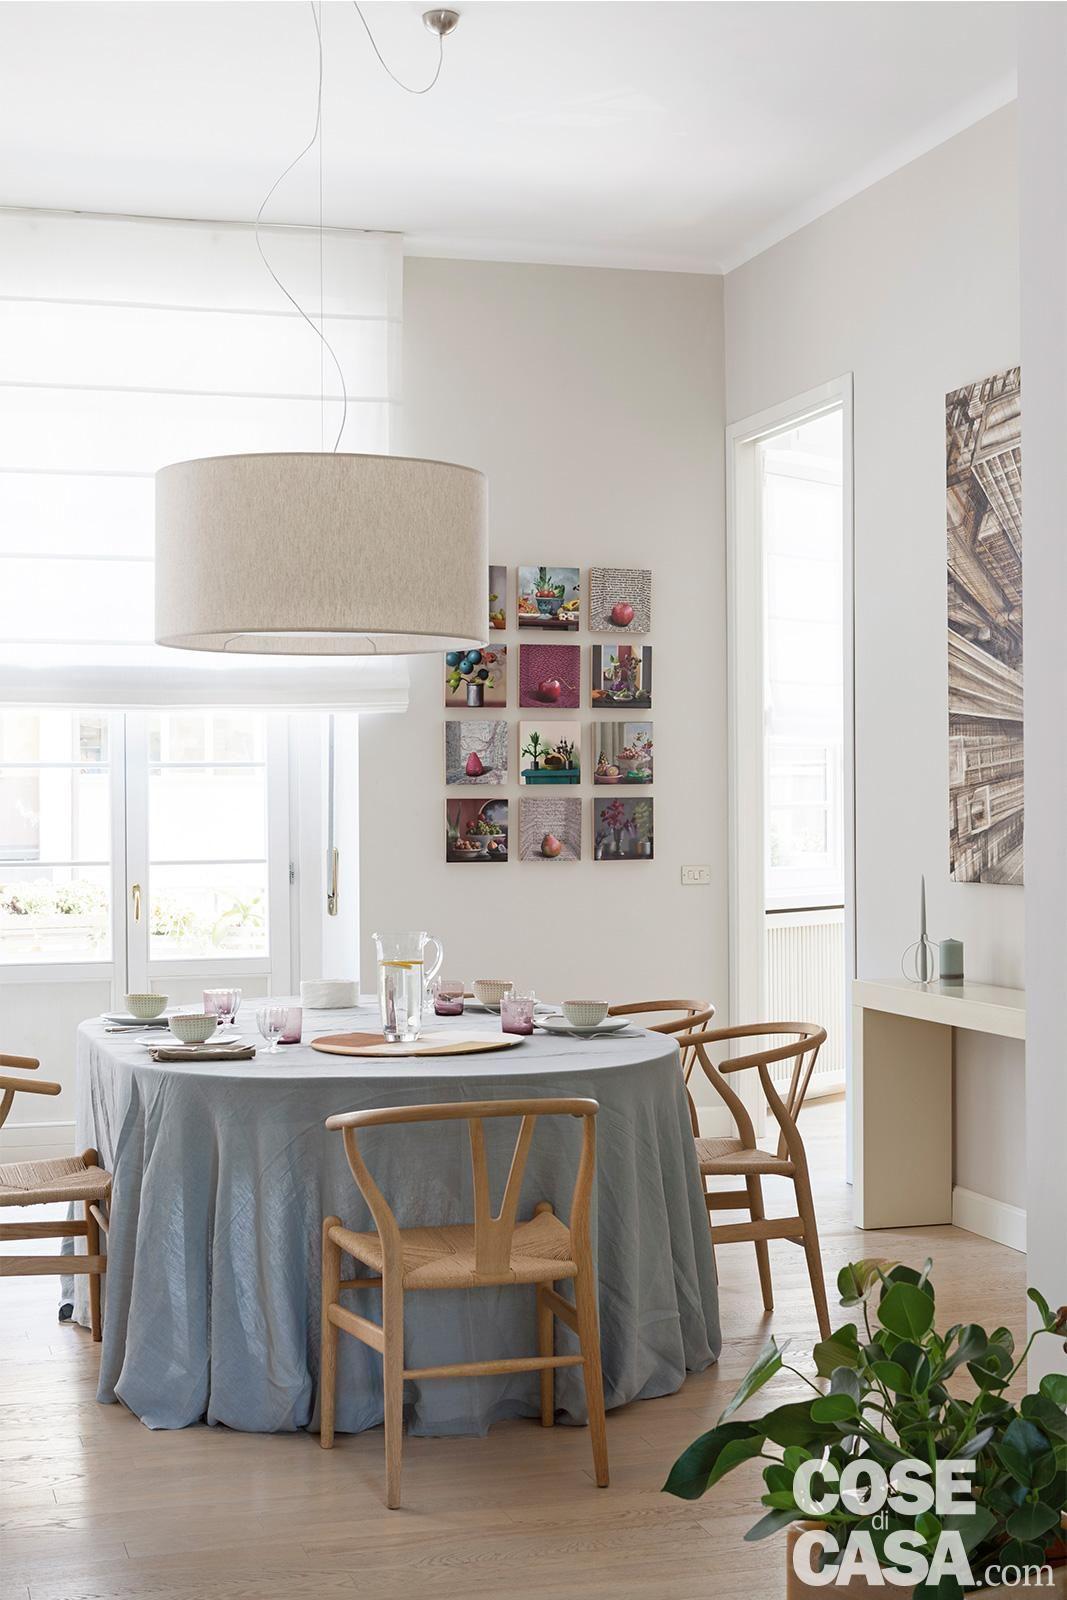 Una casa in stile nordico, elegante e accogliente Tavoli